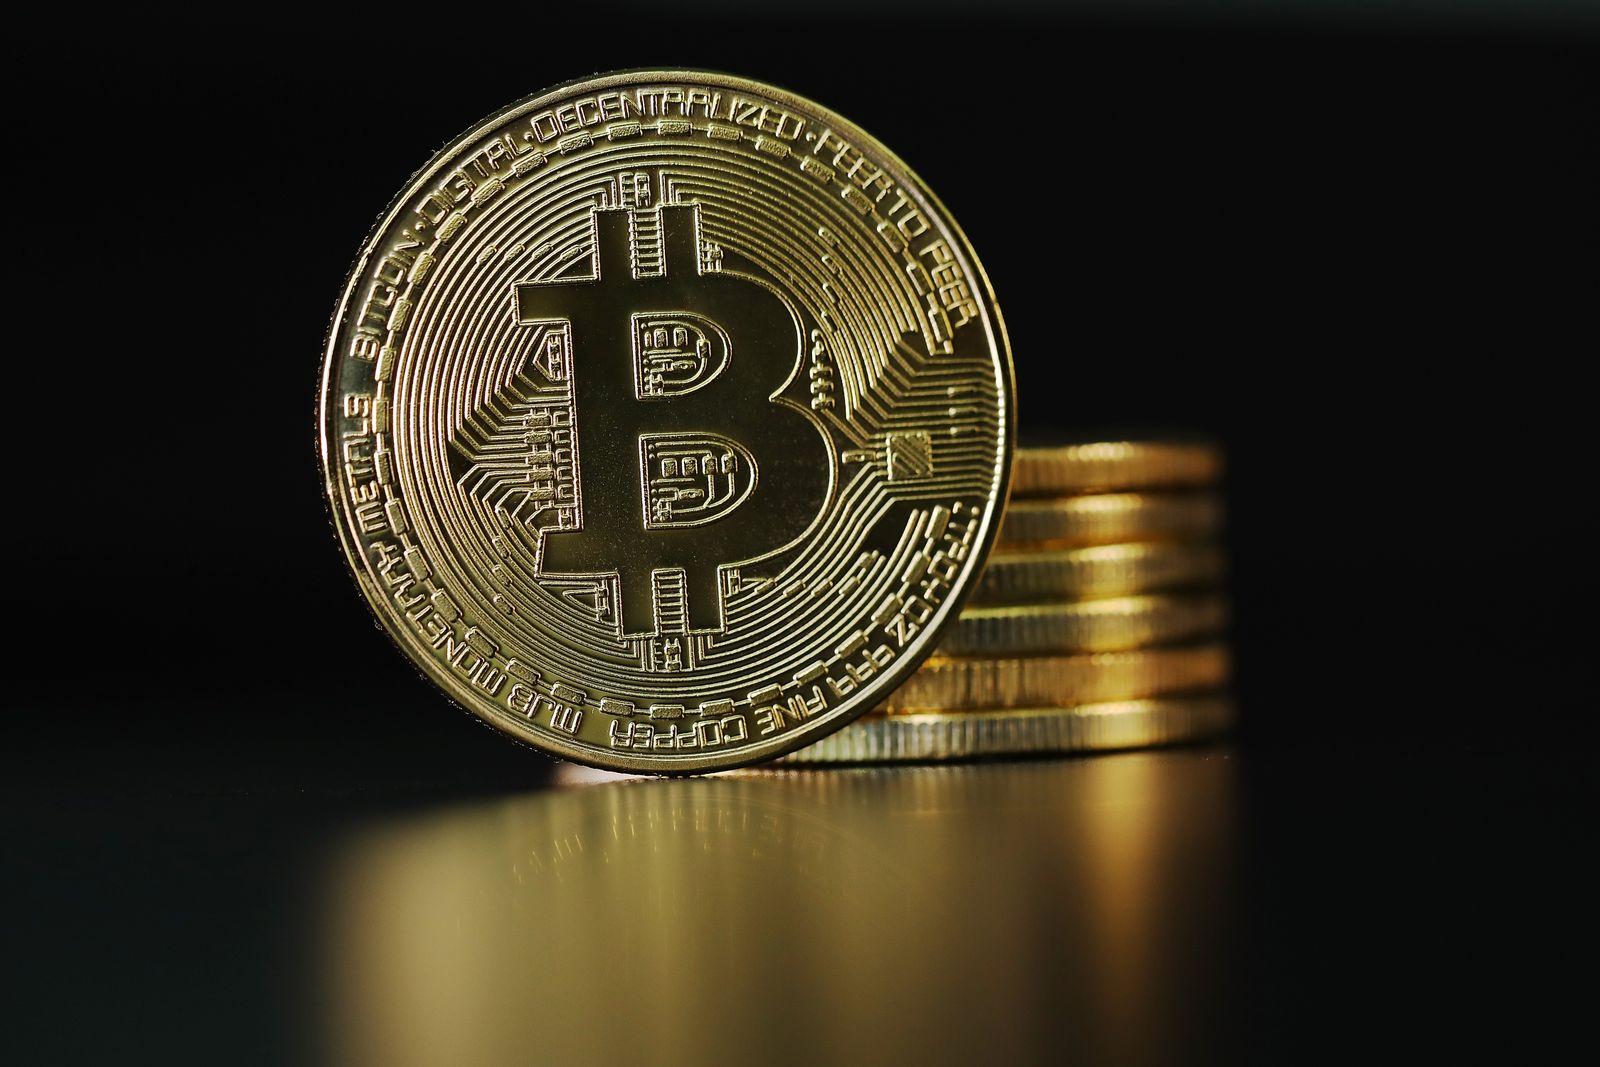 bitcoin-händler zu gut, um wahr zu sein binäre optionen rendite